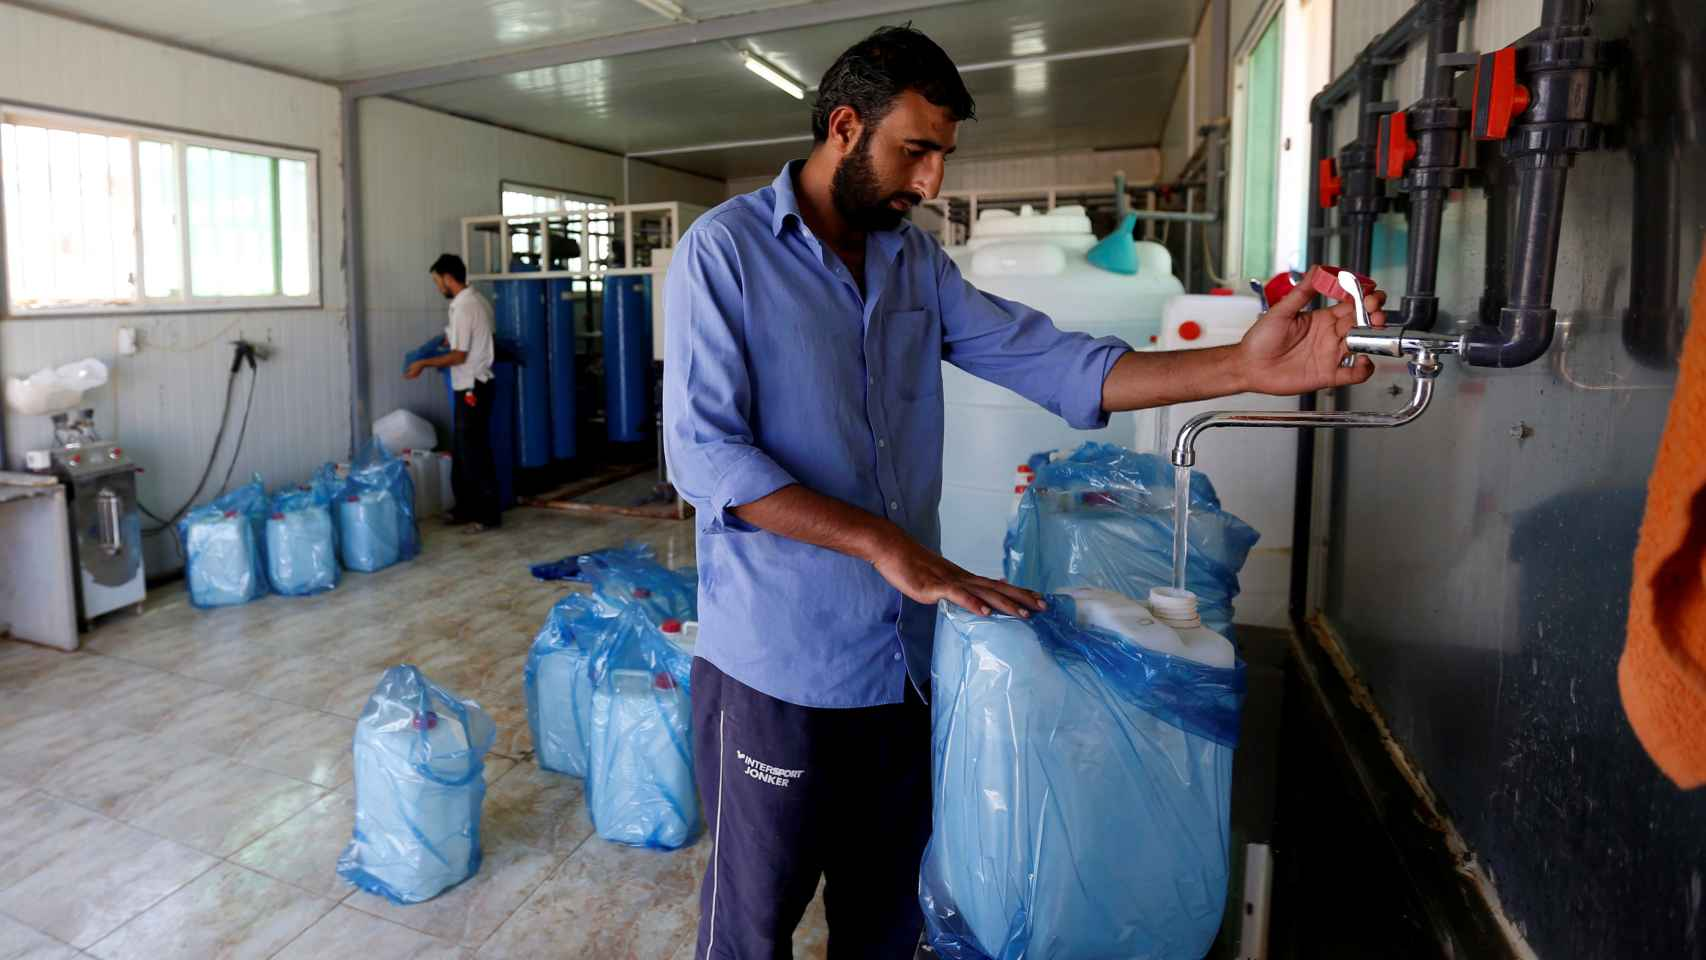 Un asilado sirio realizando labores de trabajo en Al-Zaatri, Jordania.